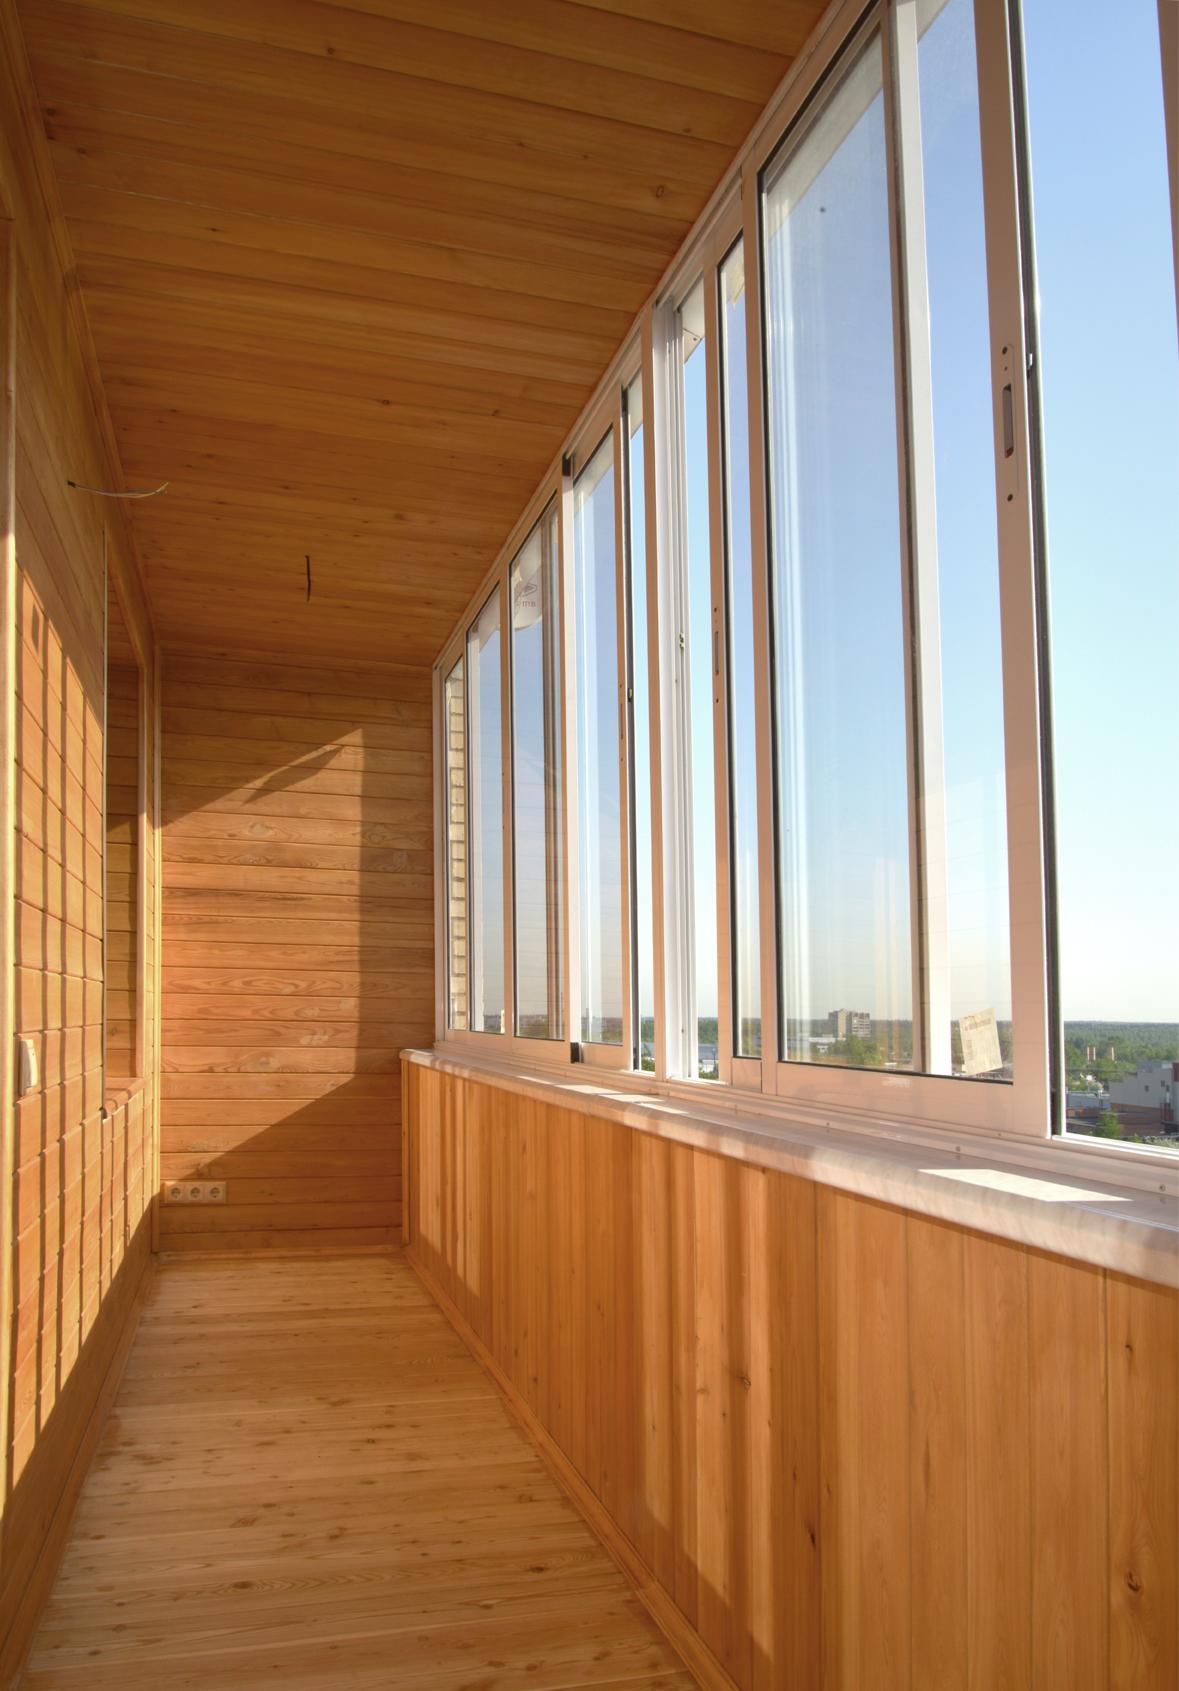 Остекление балконов и лоджий окнами из дерева - академия око.